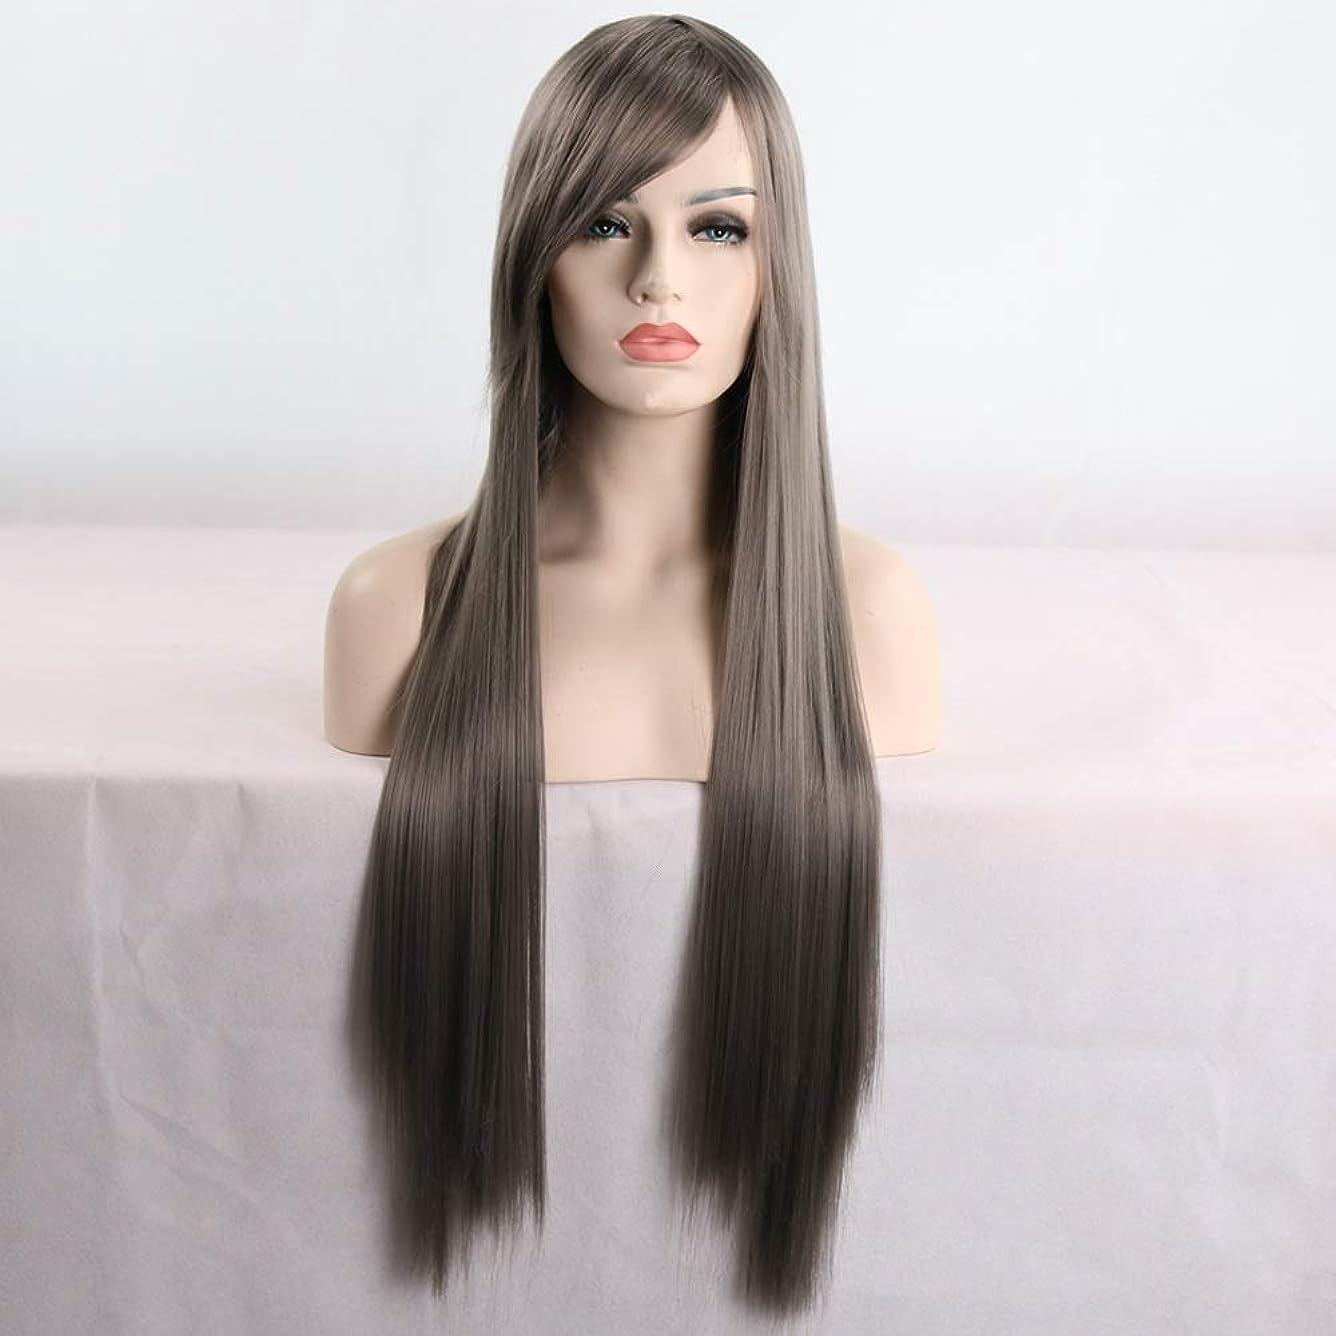 日焼け行き当たりばったりそれら女性用ロングナチュラルストレートヘアウィッグ31インチ人工毛替えウィッグハロウィンコスプレ衣装アニメパーティーウィッグ(ウィッグキャップ付き) (Color : Gray)